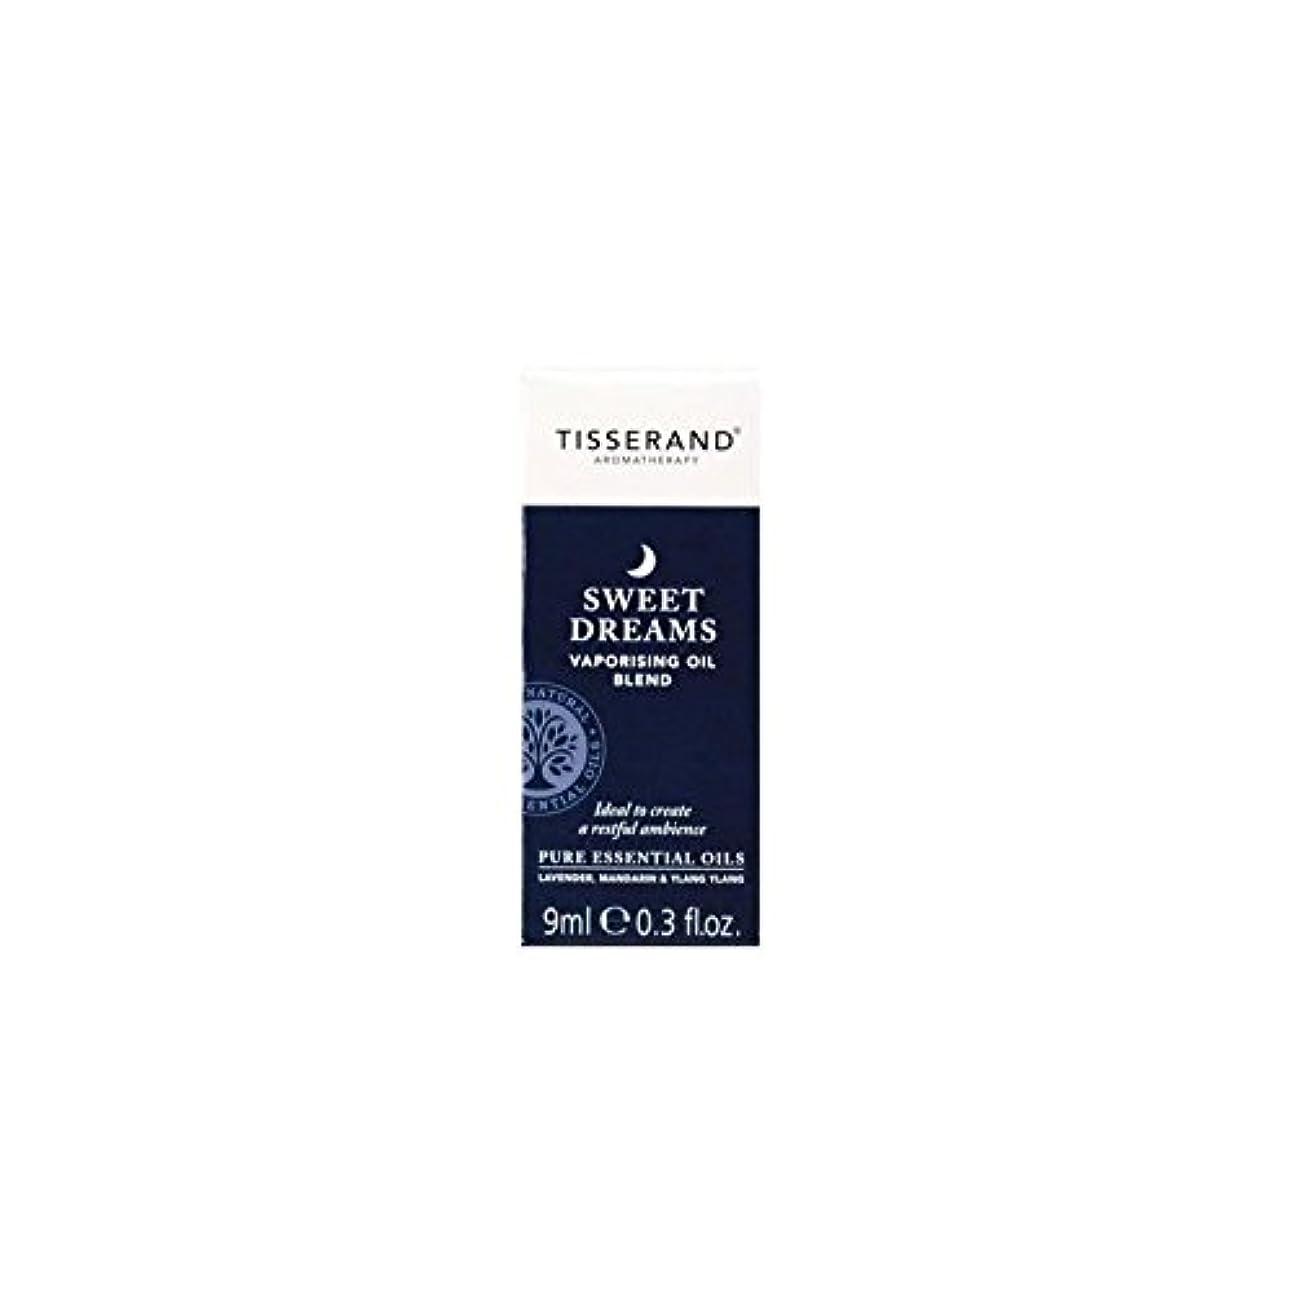 恨みマークされたダブルオイル9ミリリットルを気化甘い夢 (Tisserand) - Tisserand Sweet Dreams Vaporising Oil 9ml [並行輸入品]